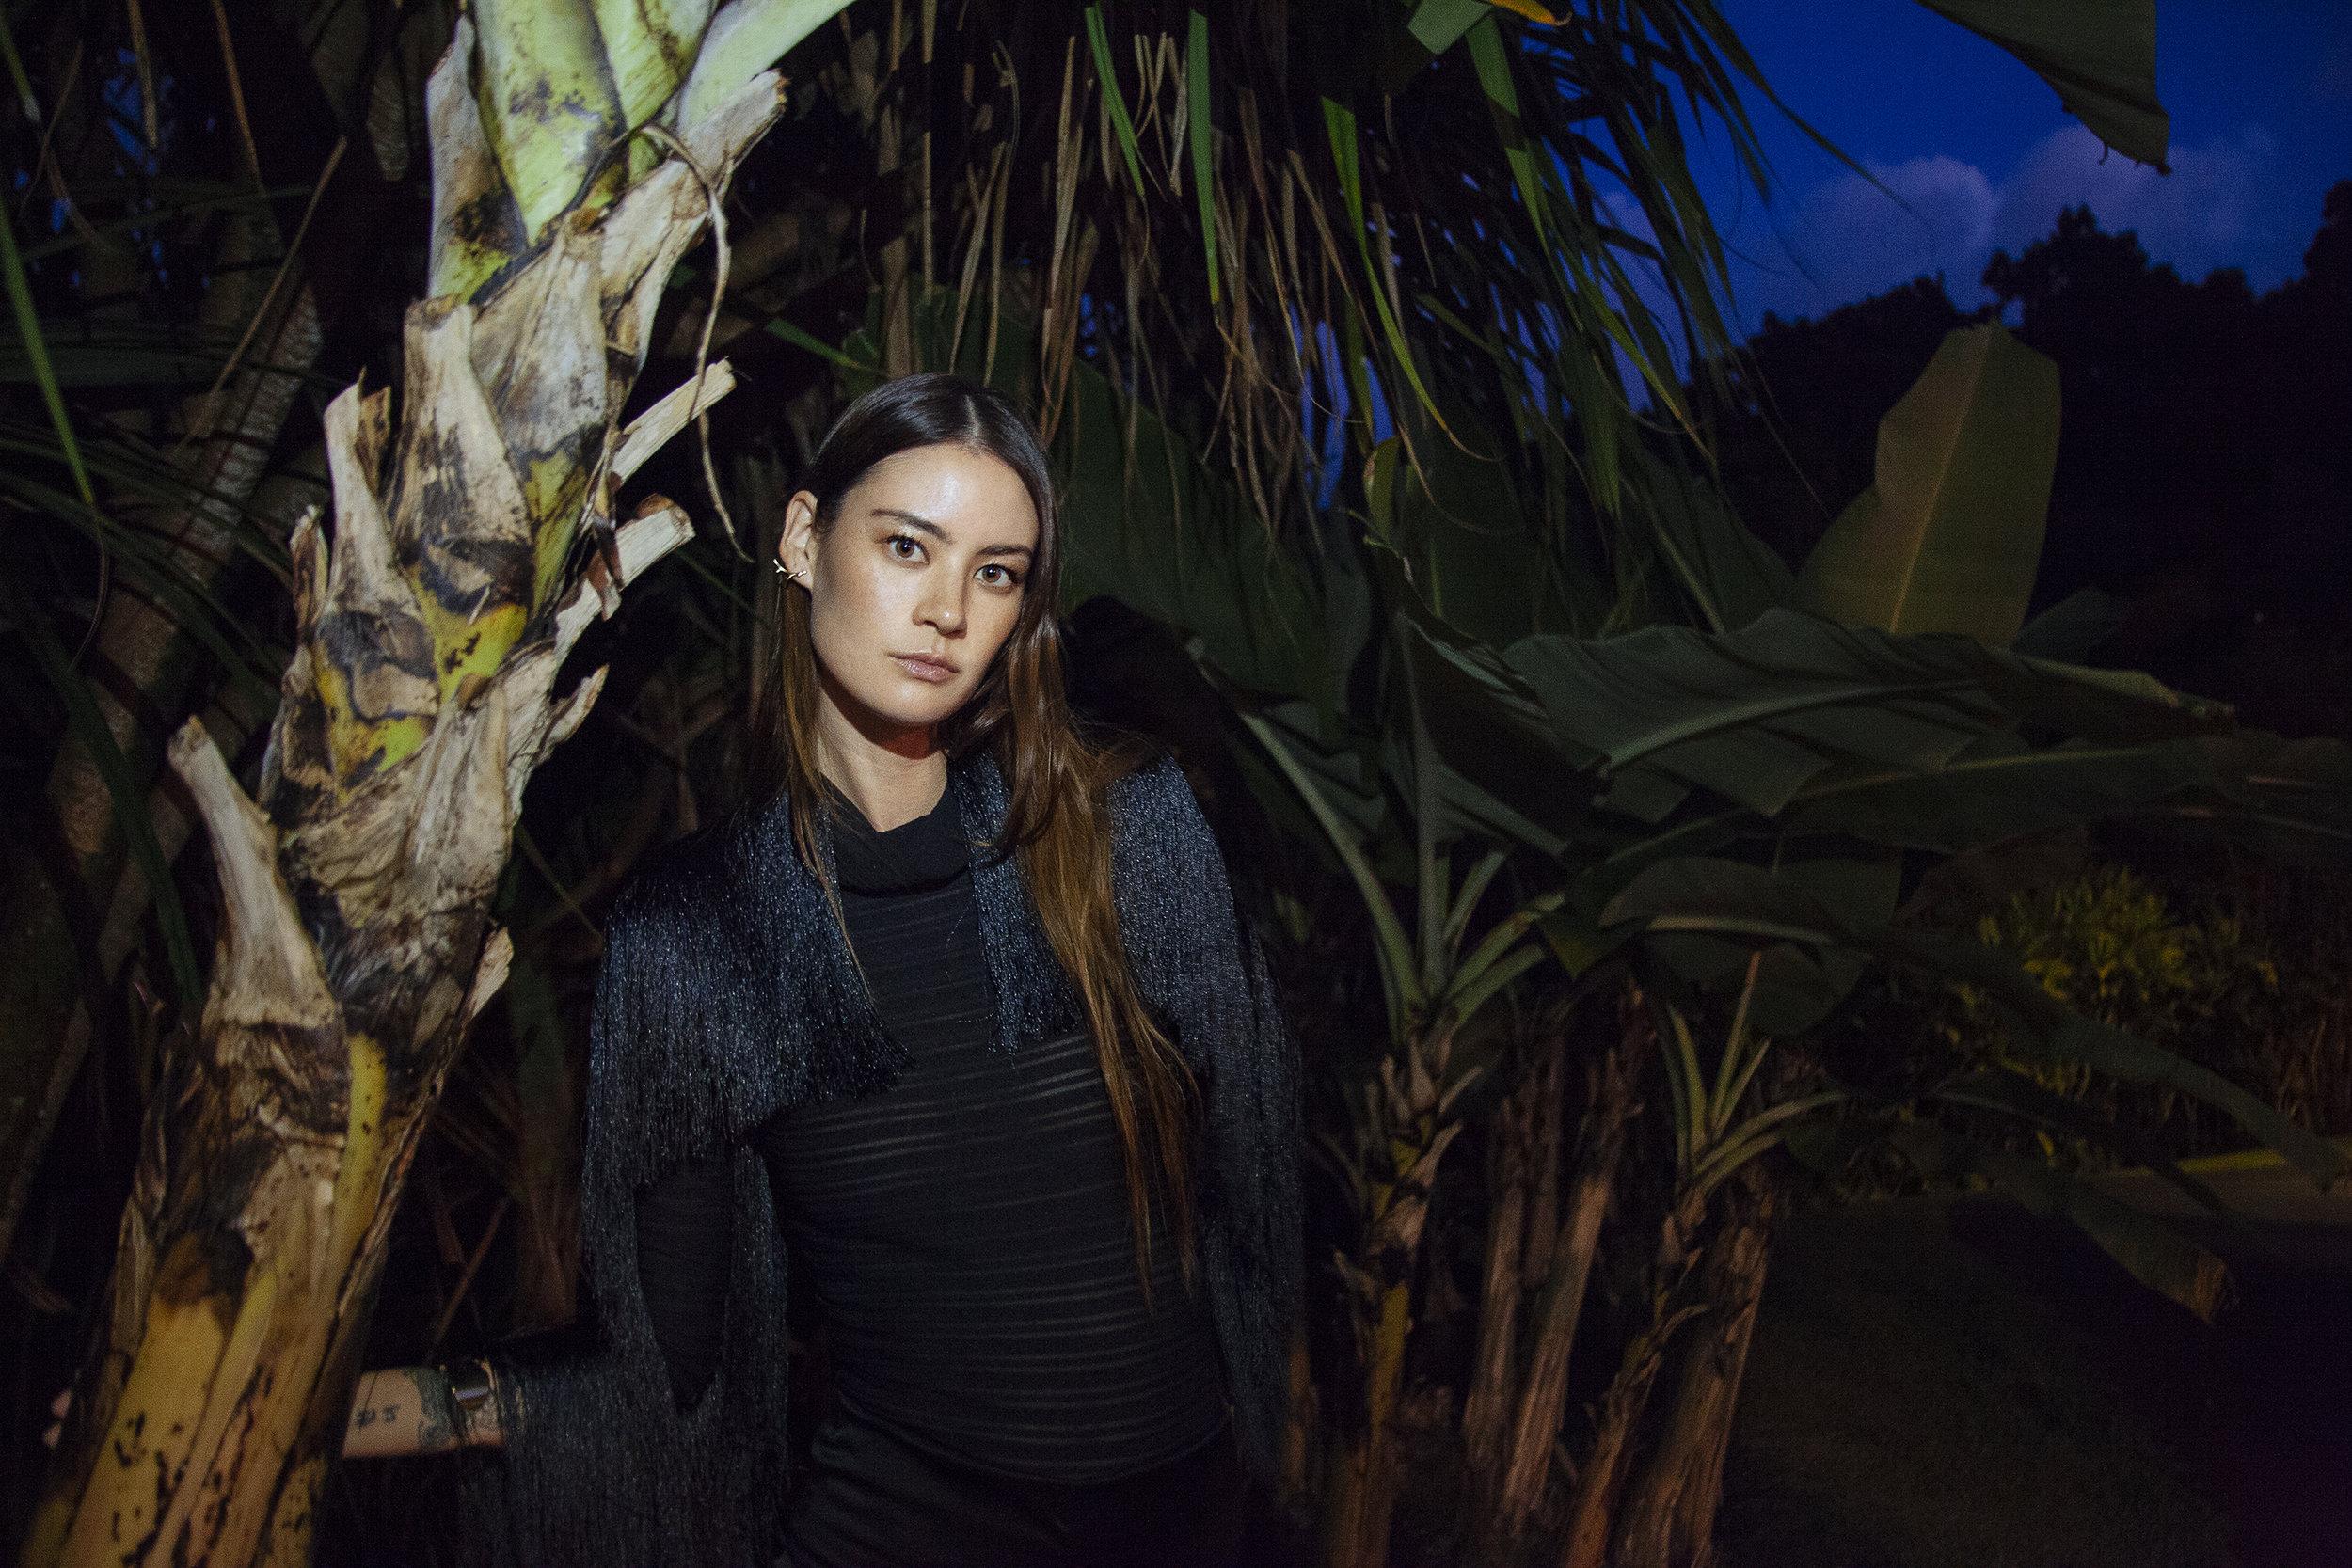 Top & Jacket : Manaola Hawaii /  Jewelry : Salty Girl